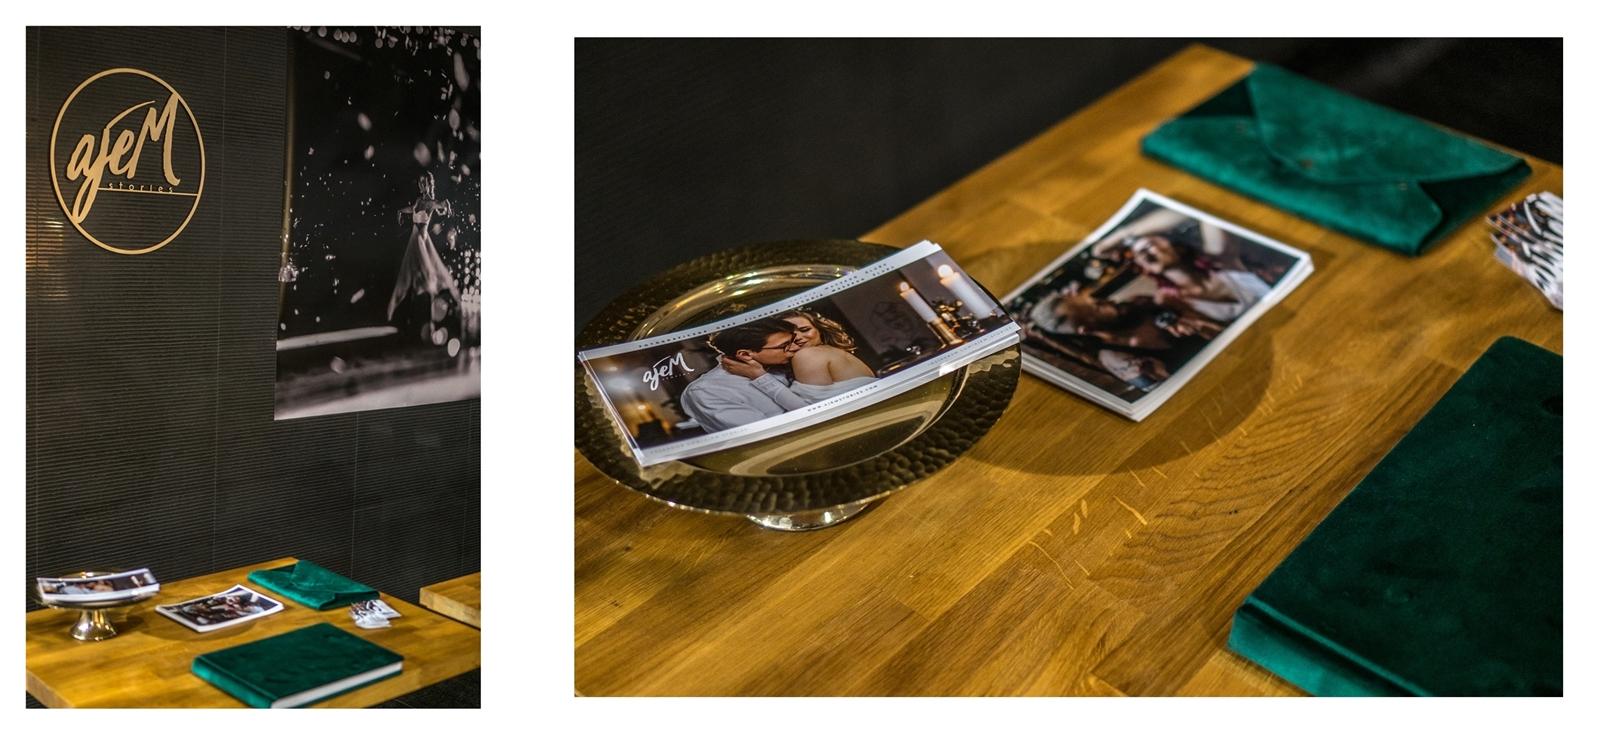 16 OFF WEDDING - Alternatywne Targi ślubne papeteria. biżuteria ślubna, dodatki ślubne, boho dekoracje , kwiaty na ślub i wesele, warszawa, łódź, romantczne, naturalne, obrączki z tytanu